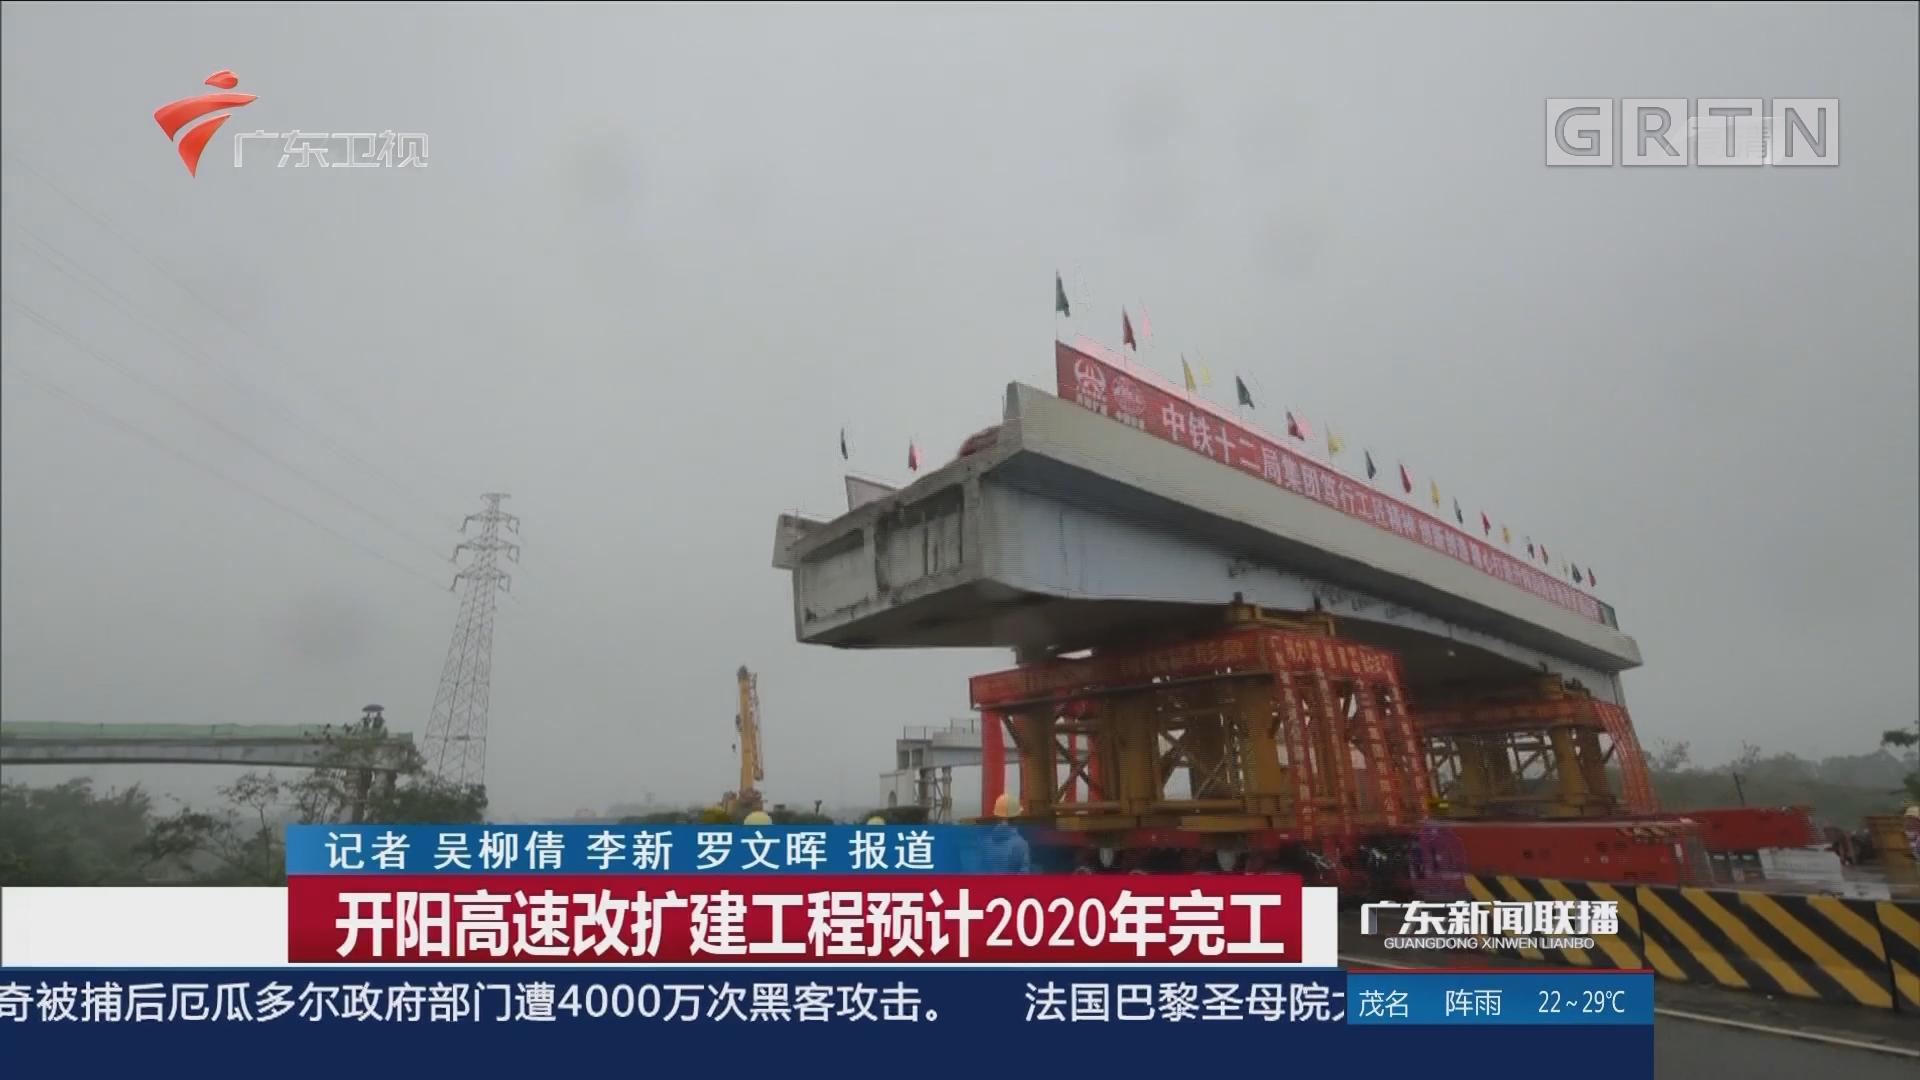 开阳高速改扩建工程预计2020年完工